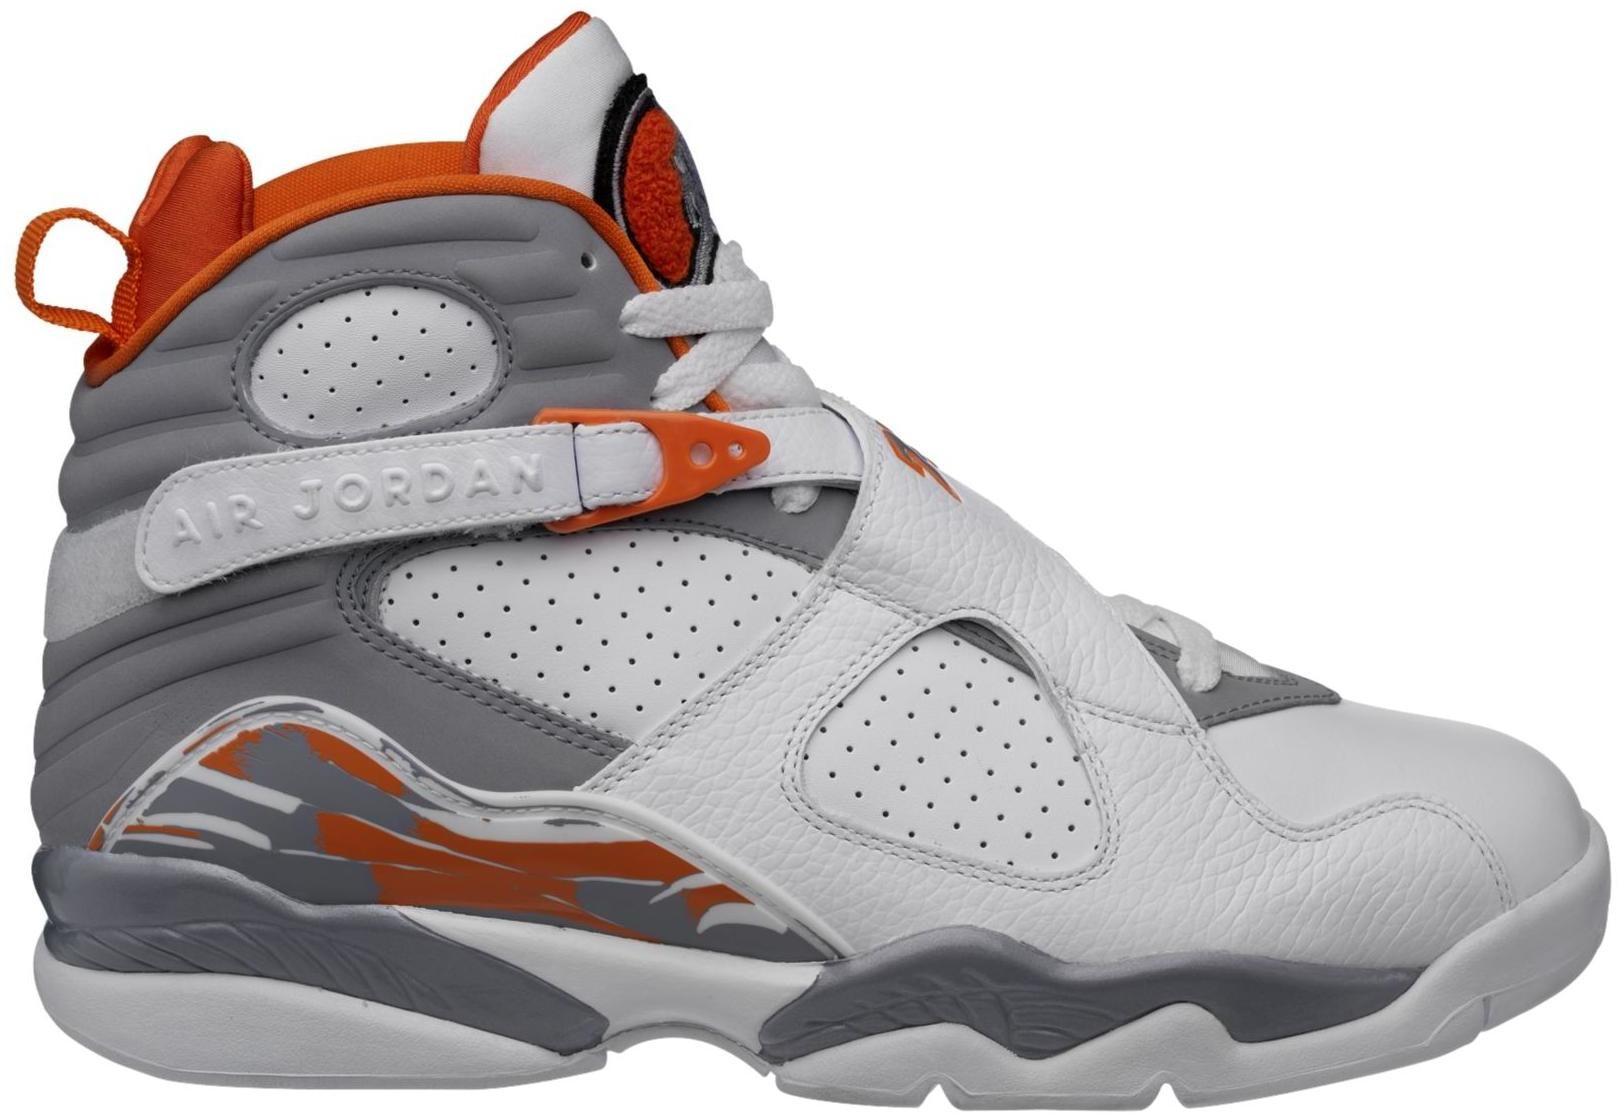 Jordan 8 Retro Orange White